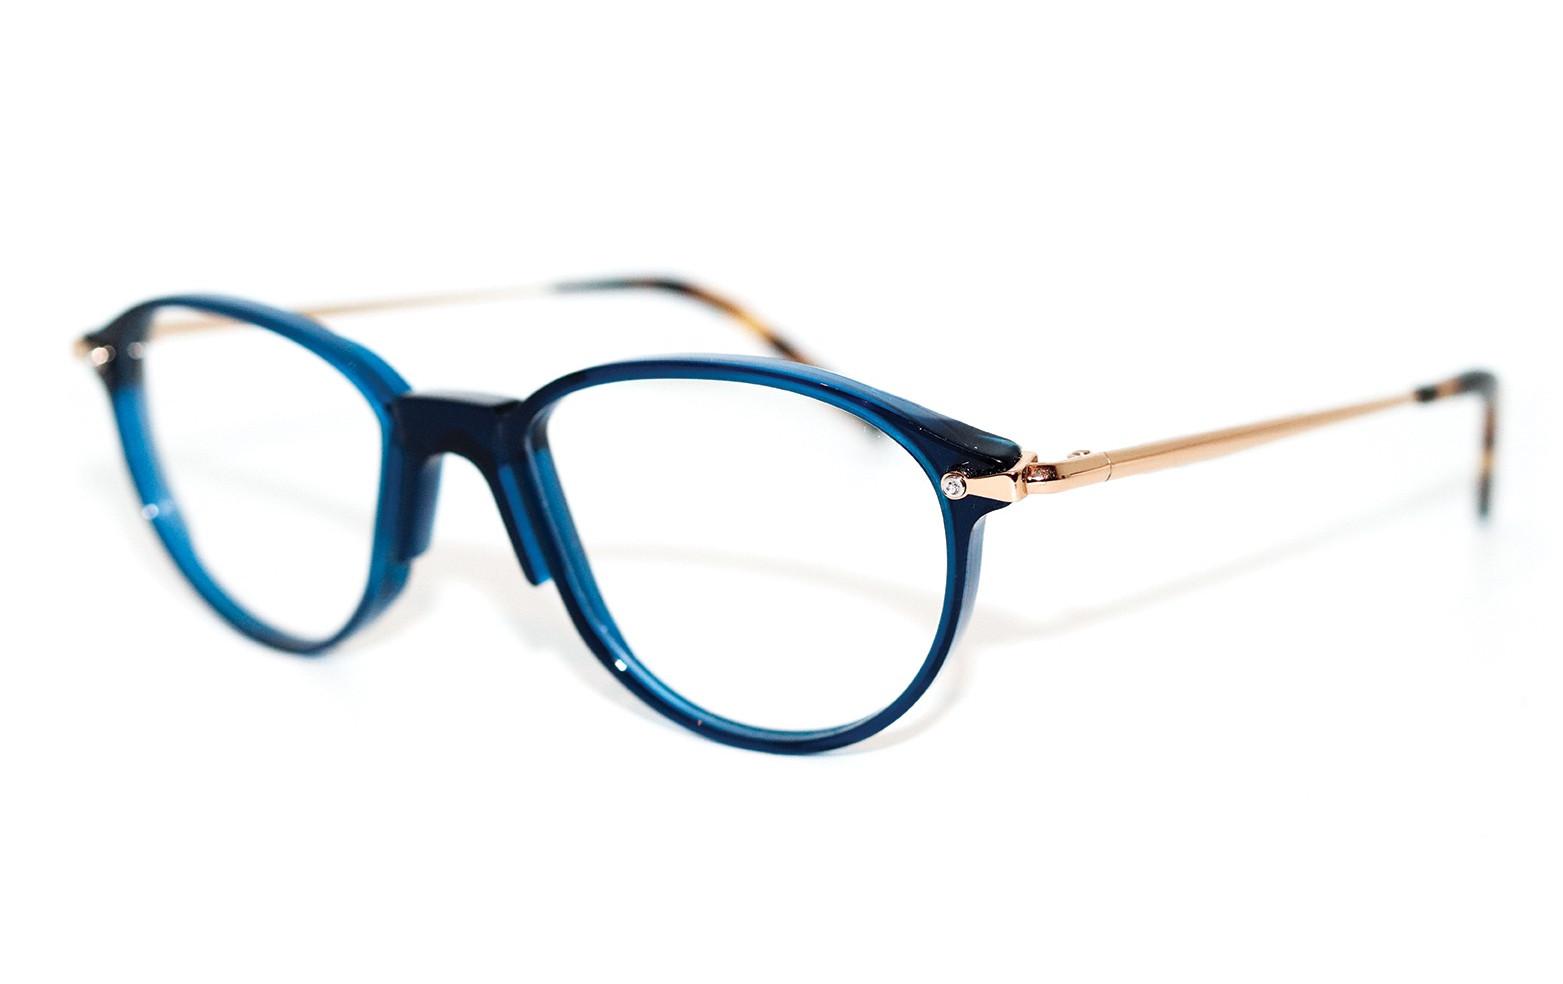 kleys-lunettes-francaises-GASPARD-bleu-c